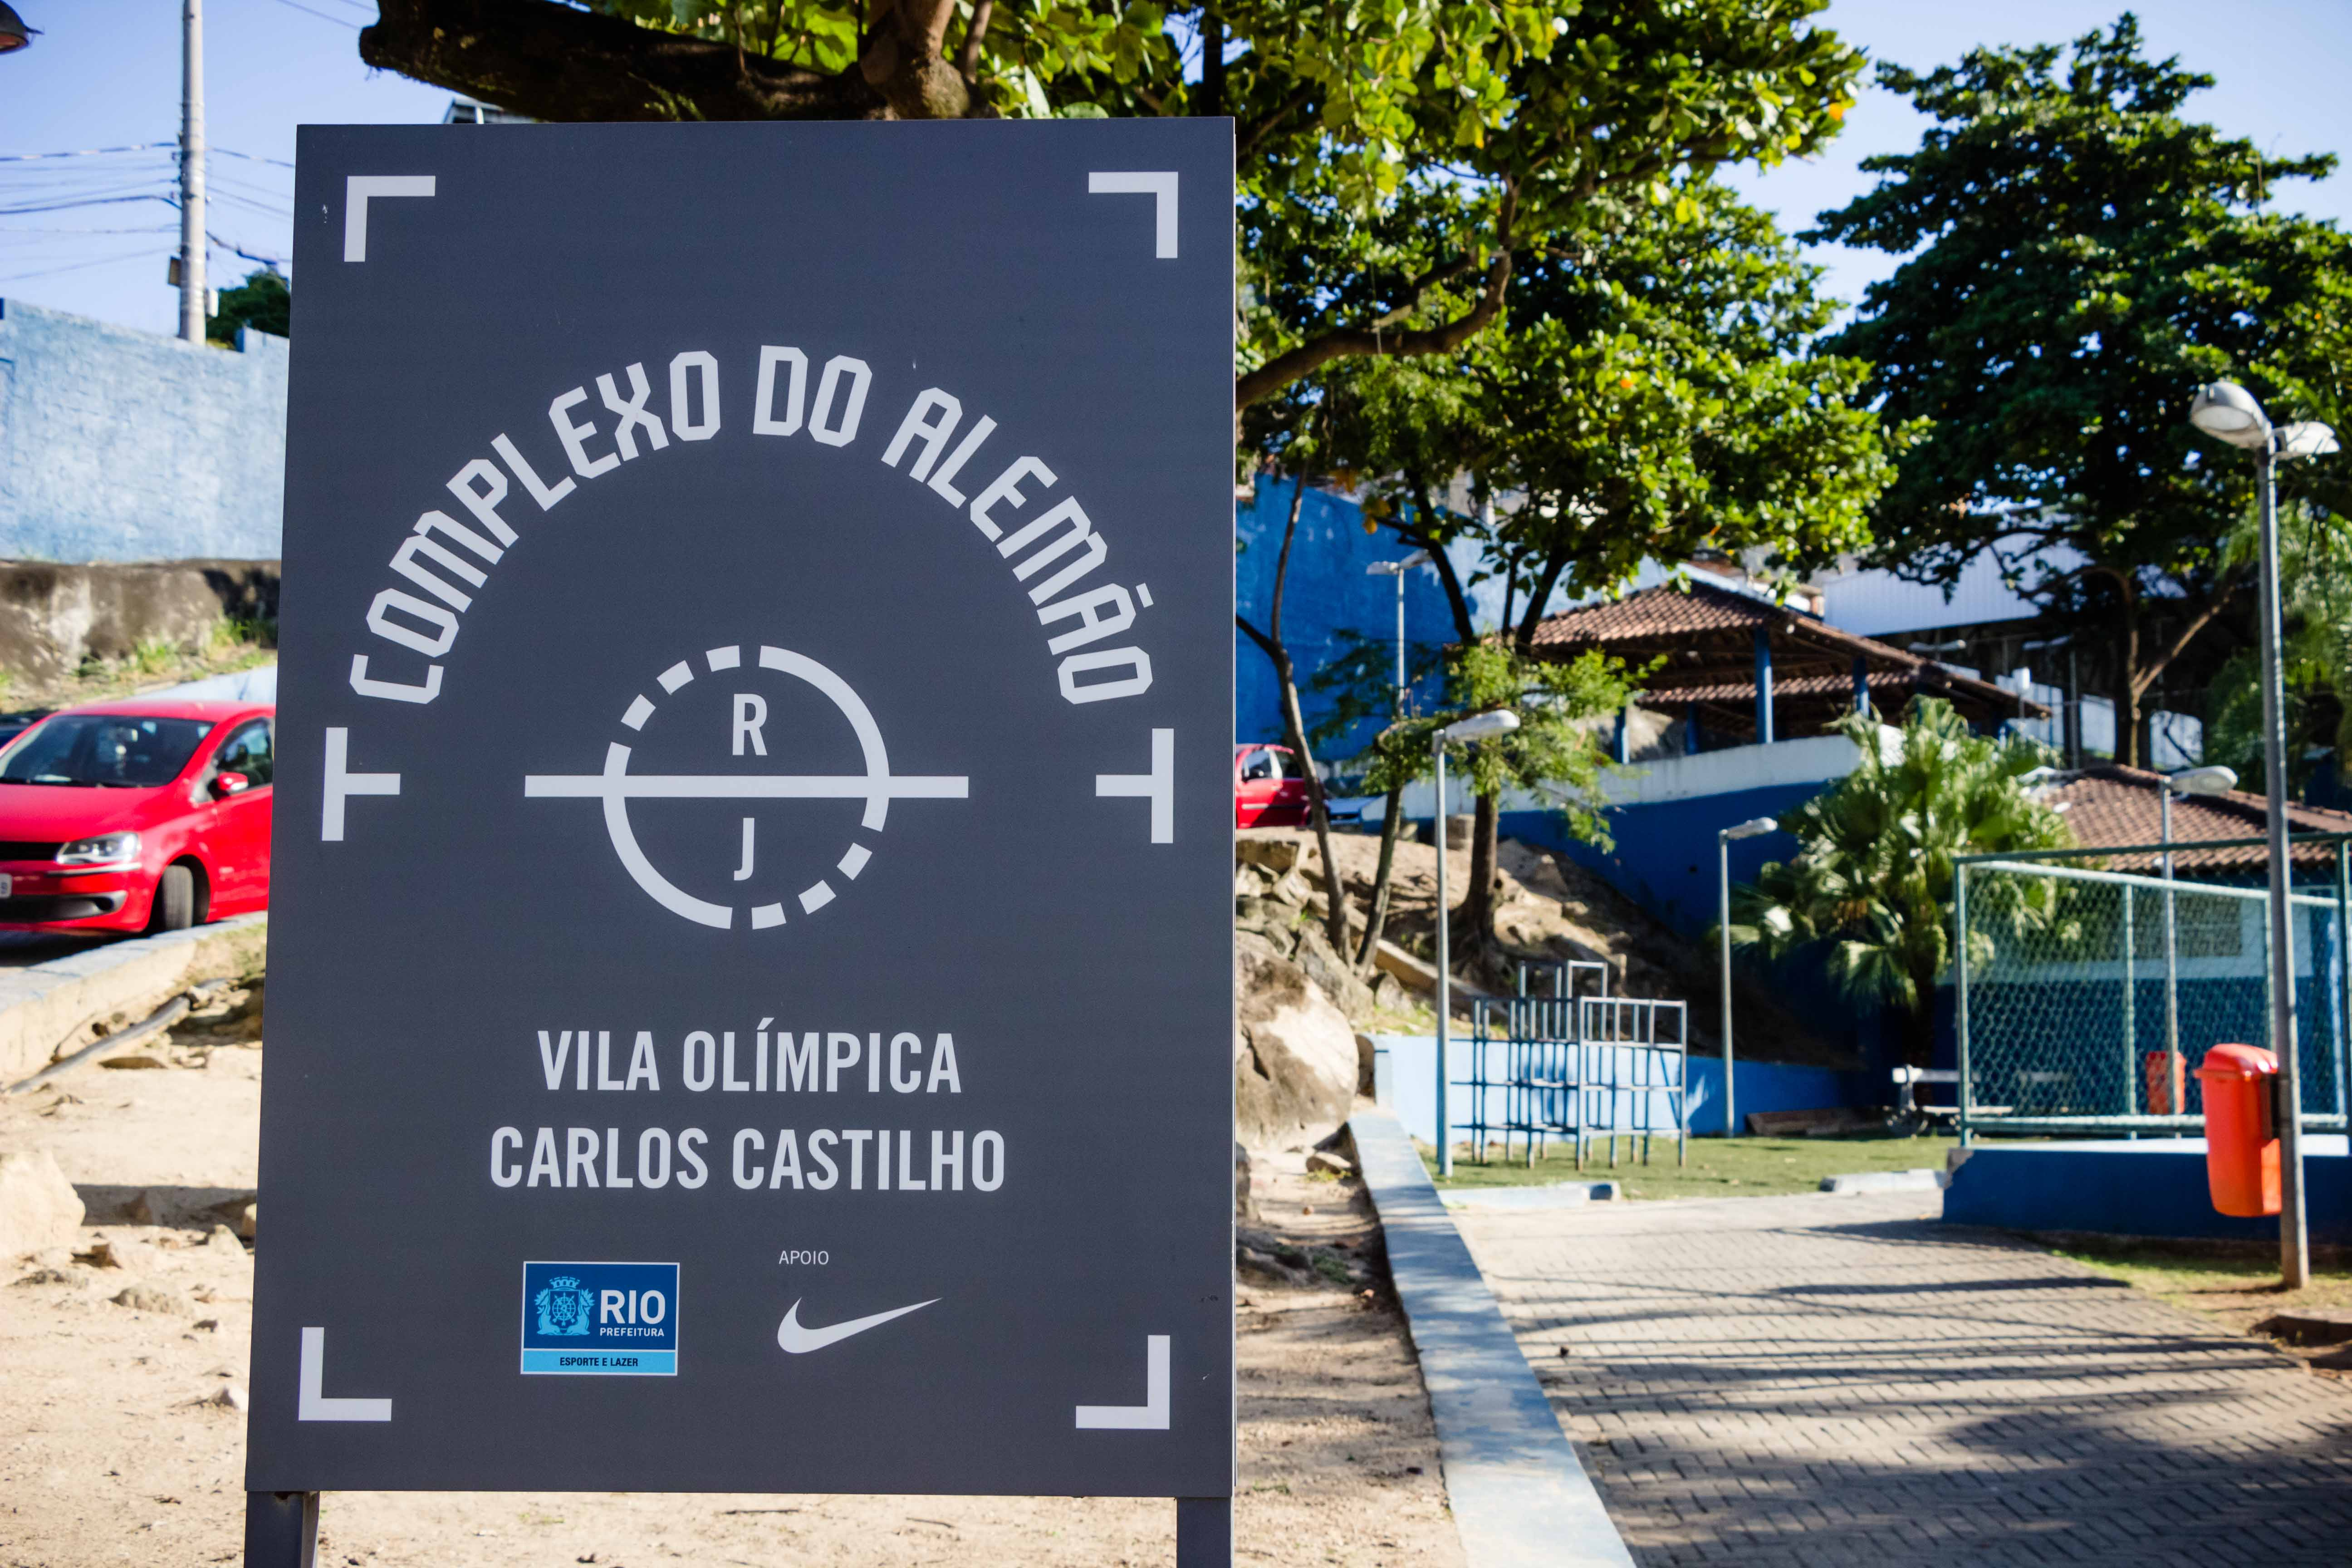 Vila Olímpica Carlos Castilho do Complexo do Alemão reabre nesta quinta-feira (03/08)